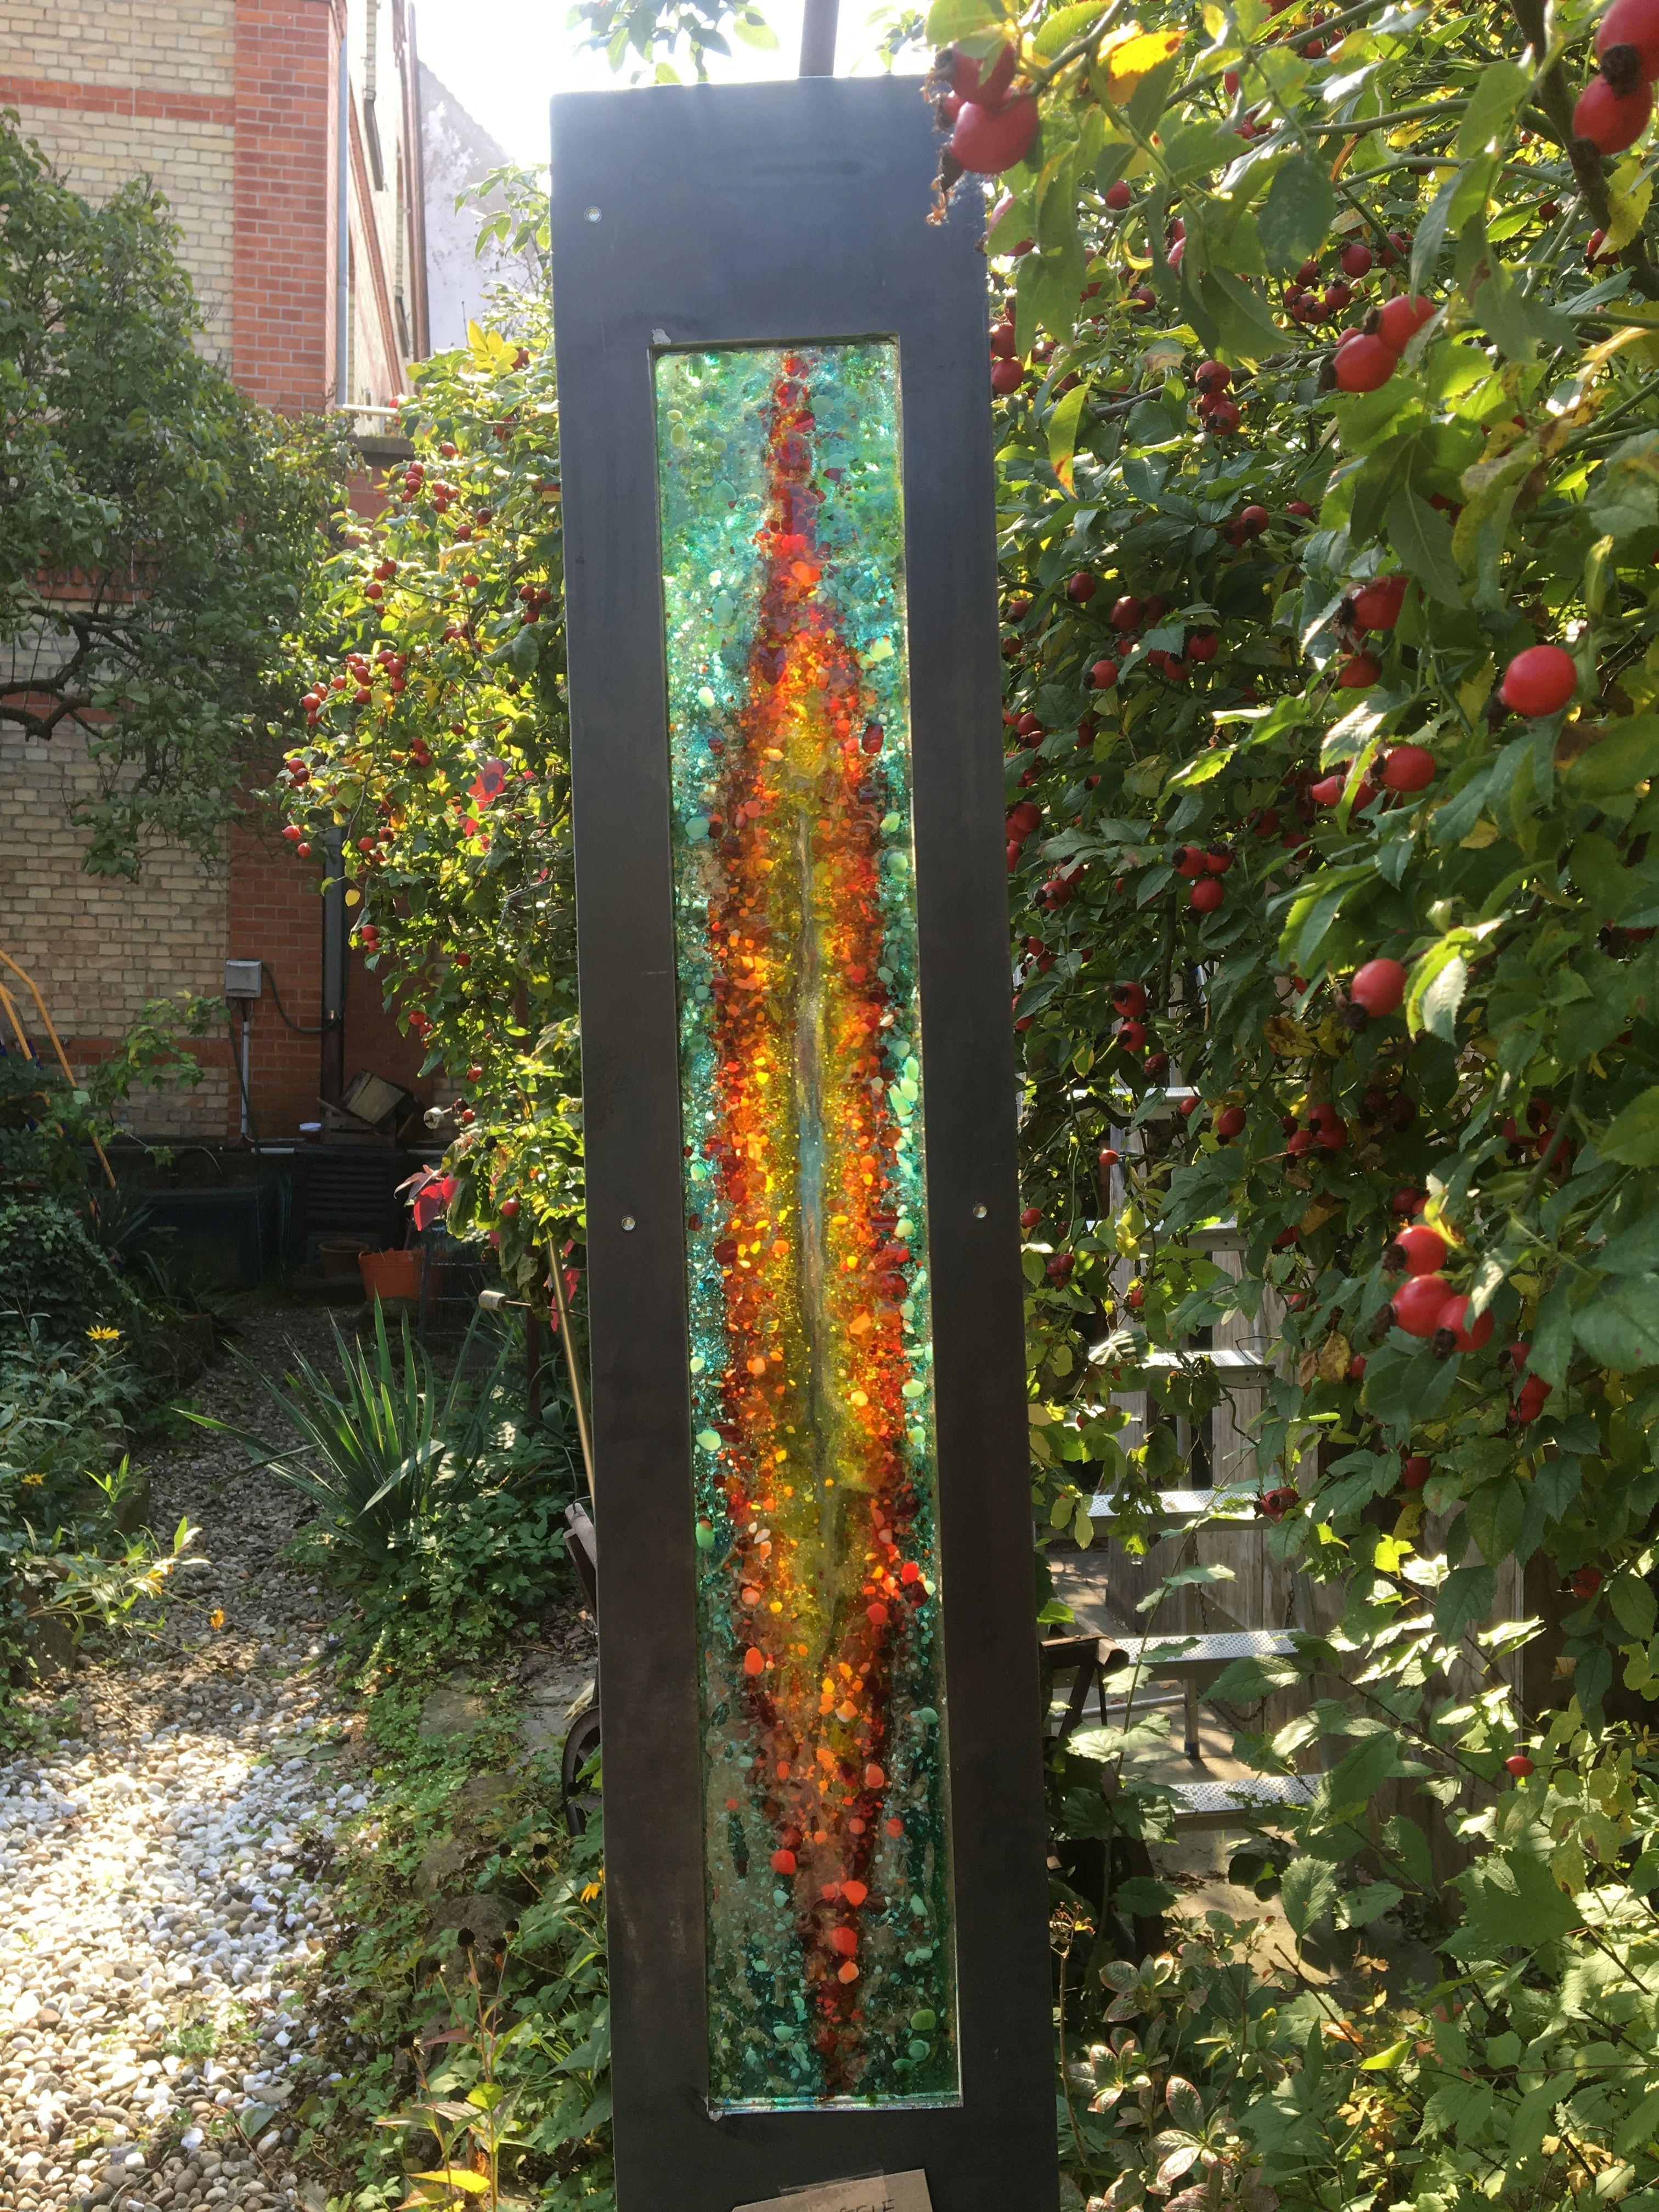 Metallstele Mit Glas In Turkisgrun Orange Gelb Rot Frostfeste Gartendeko Great Metall Stand With Fused Glass One Of A Kind Garten Deko Gartenzwerg Garten